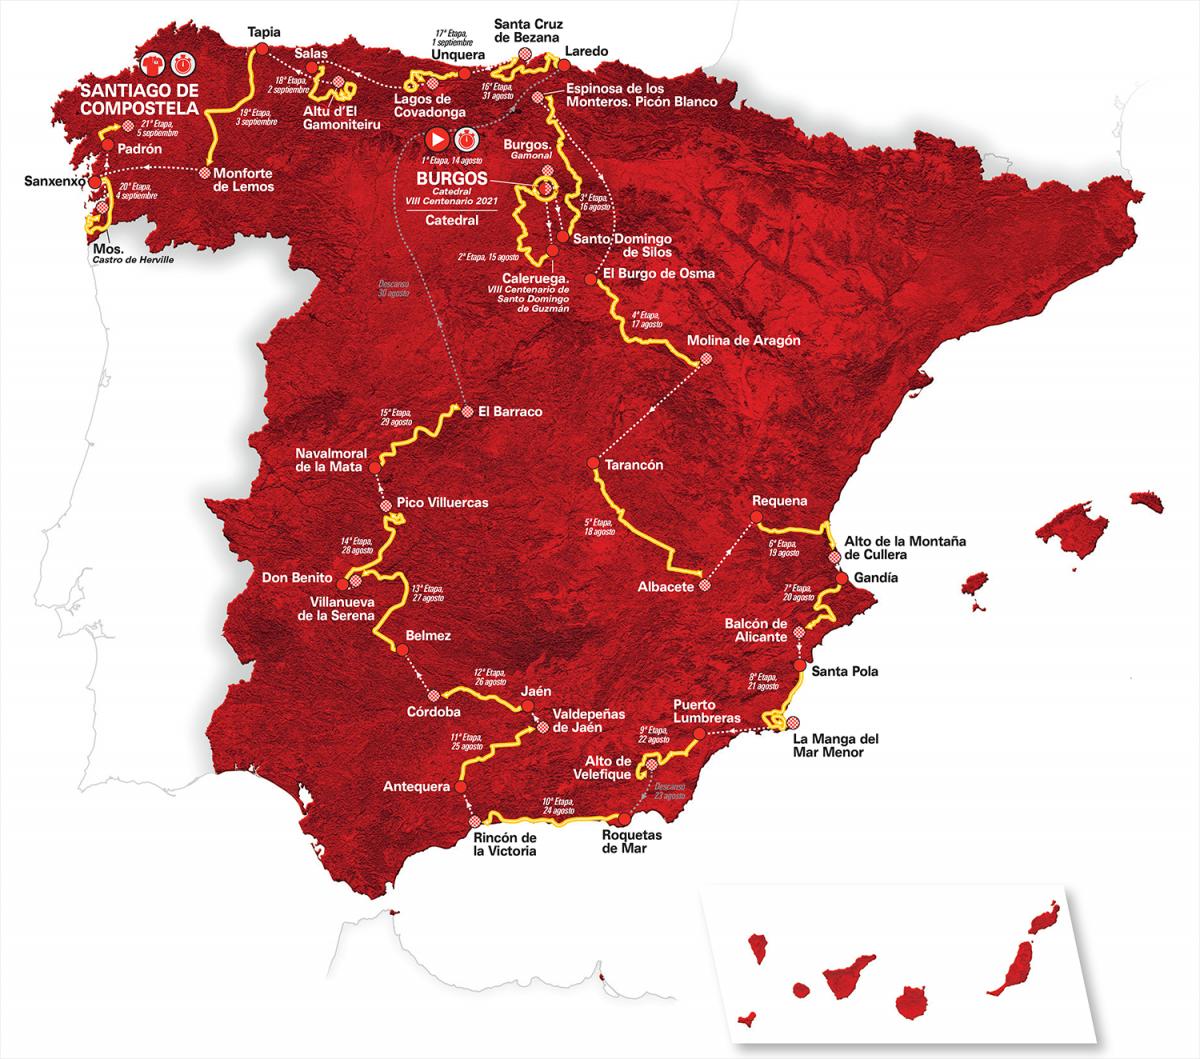 Le parcours de la Vuelta 2021